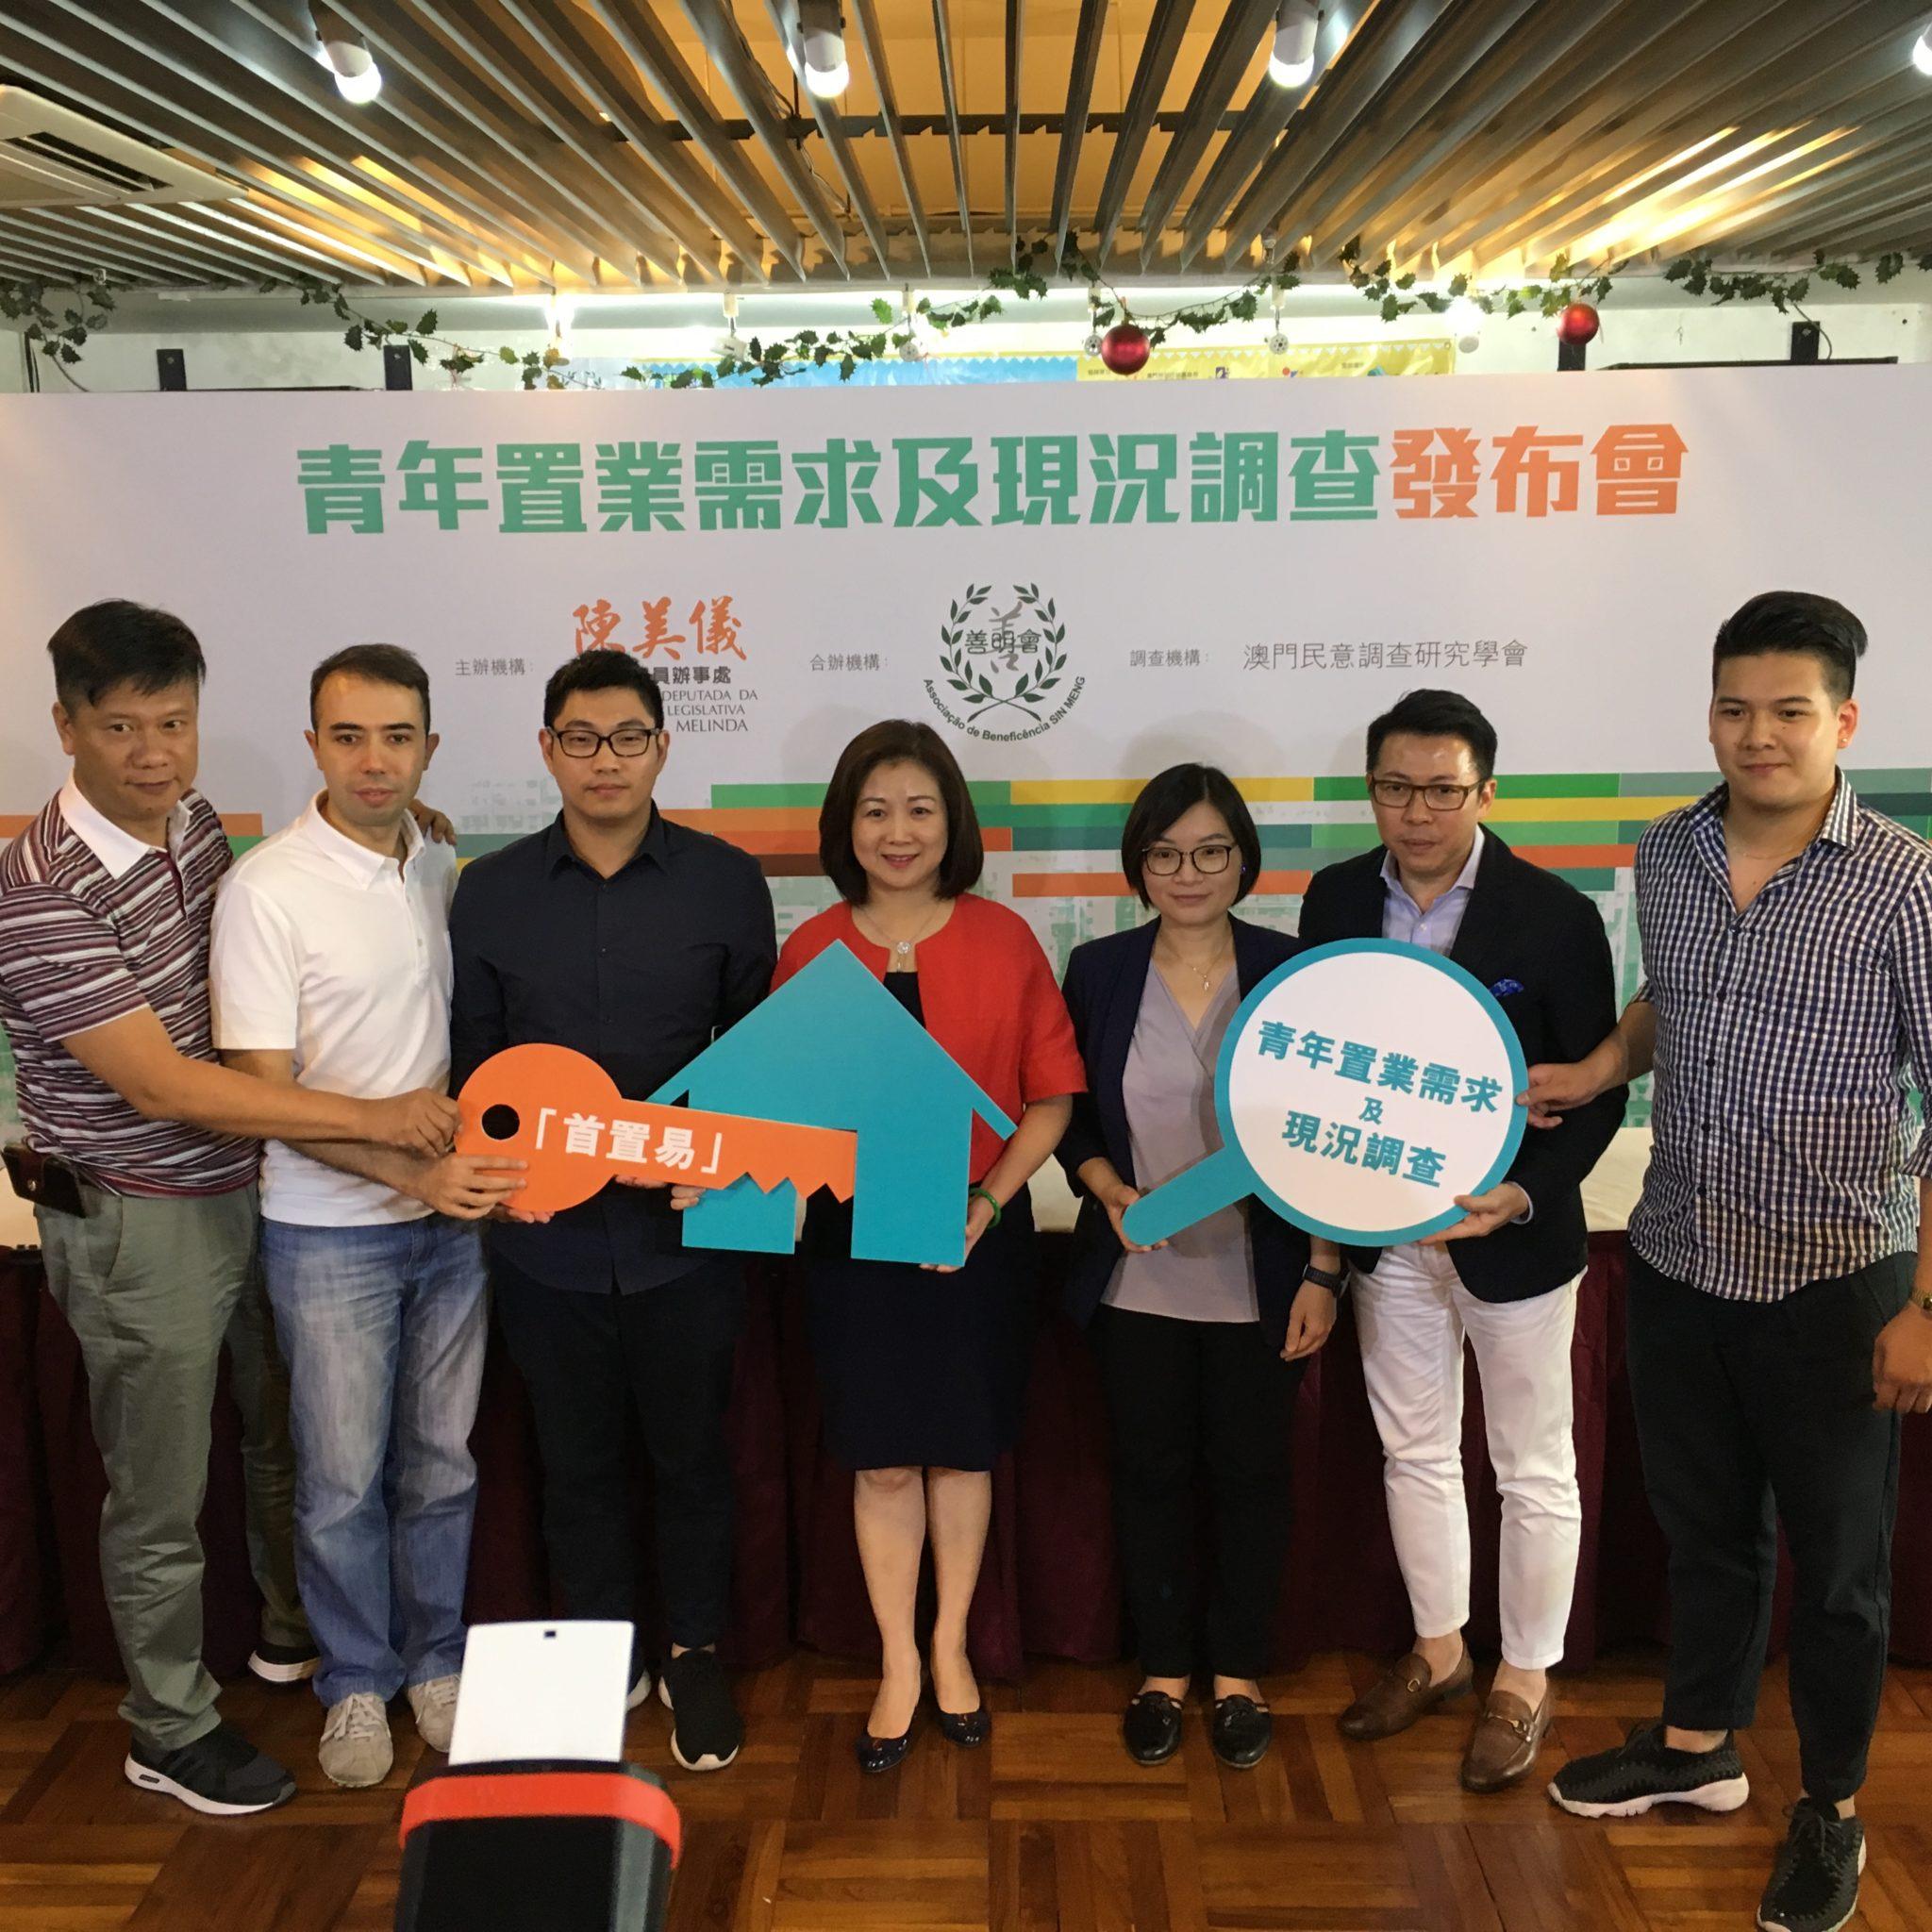 Habitação / Inquérito: Melinda Chan diz que políticas do Governo não são suficientes